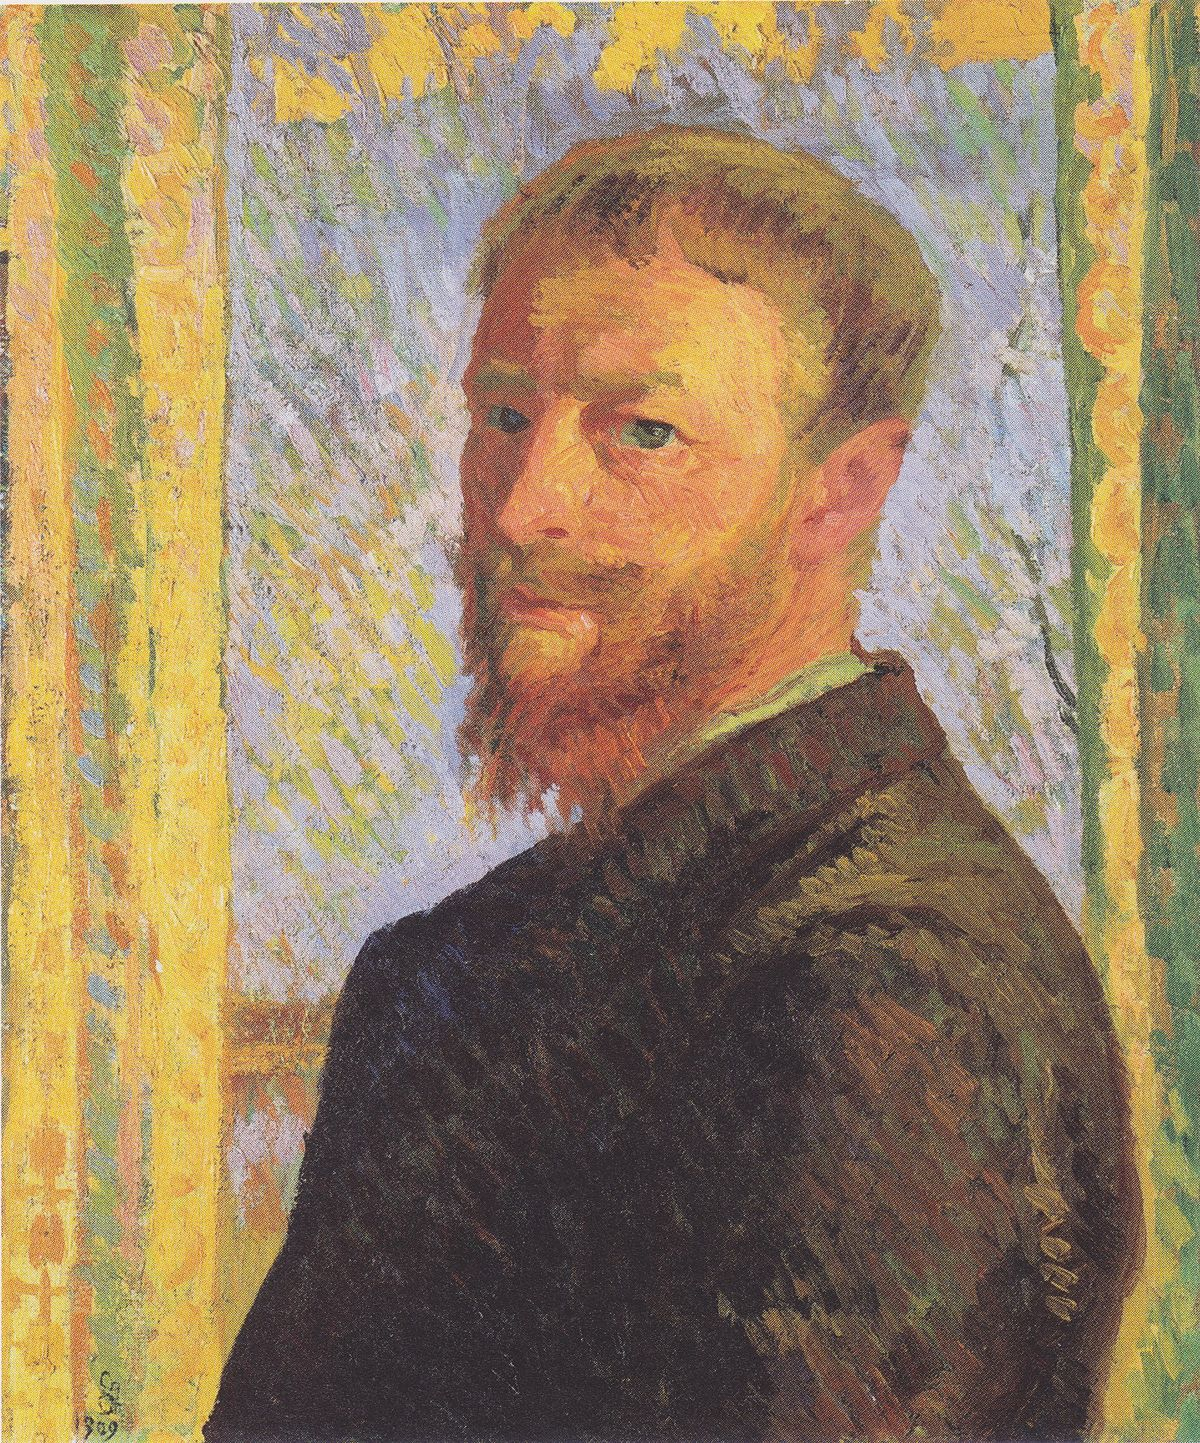 Giovanni giacometti wikipedia for The giovanni